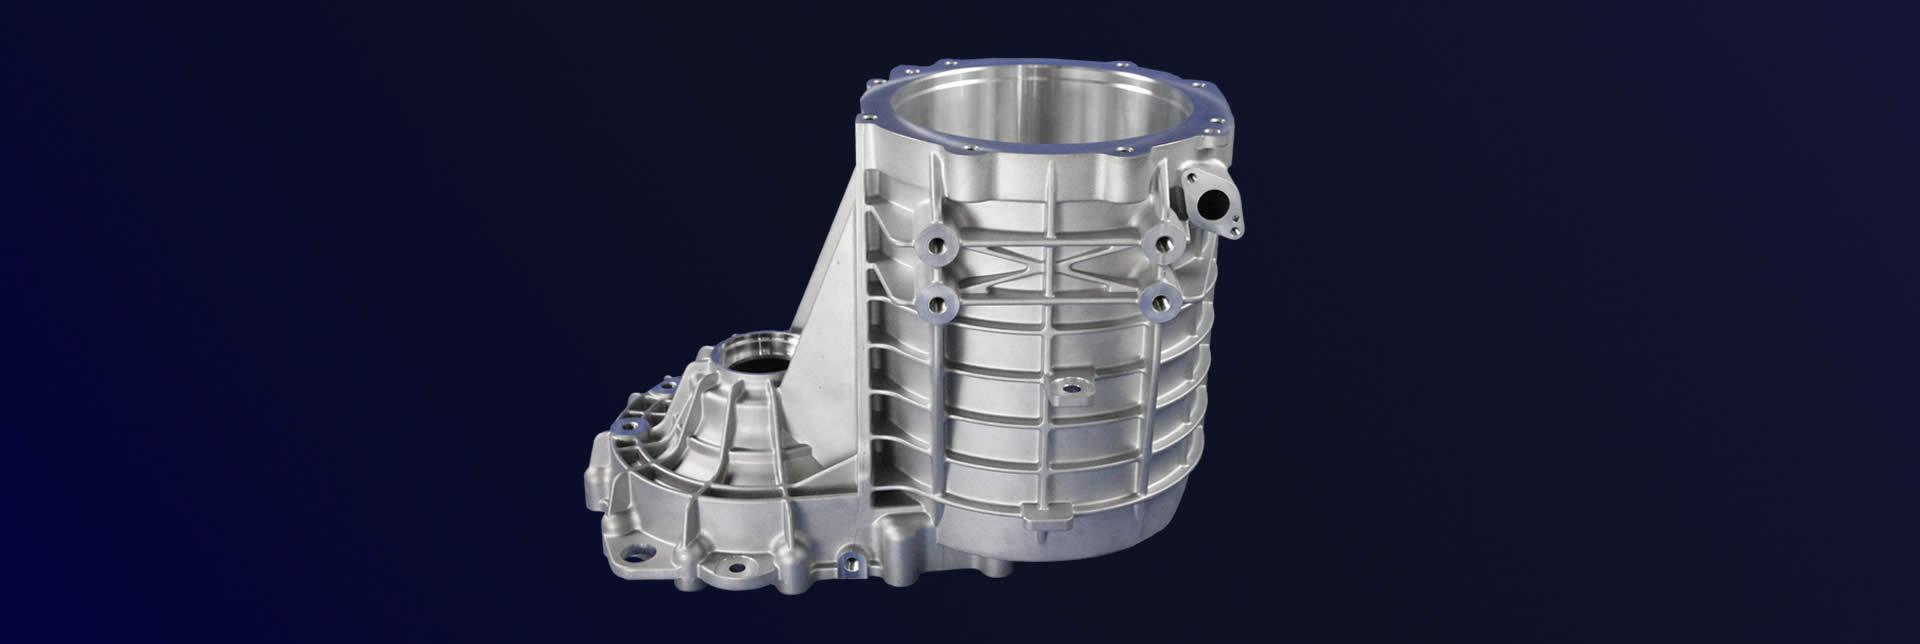 新能源汽车电机水冷电机